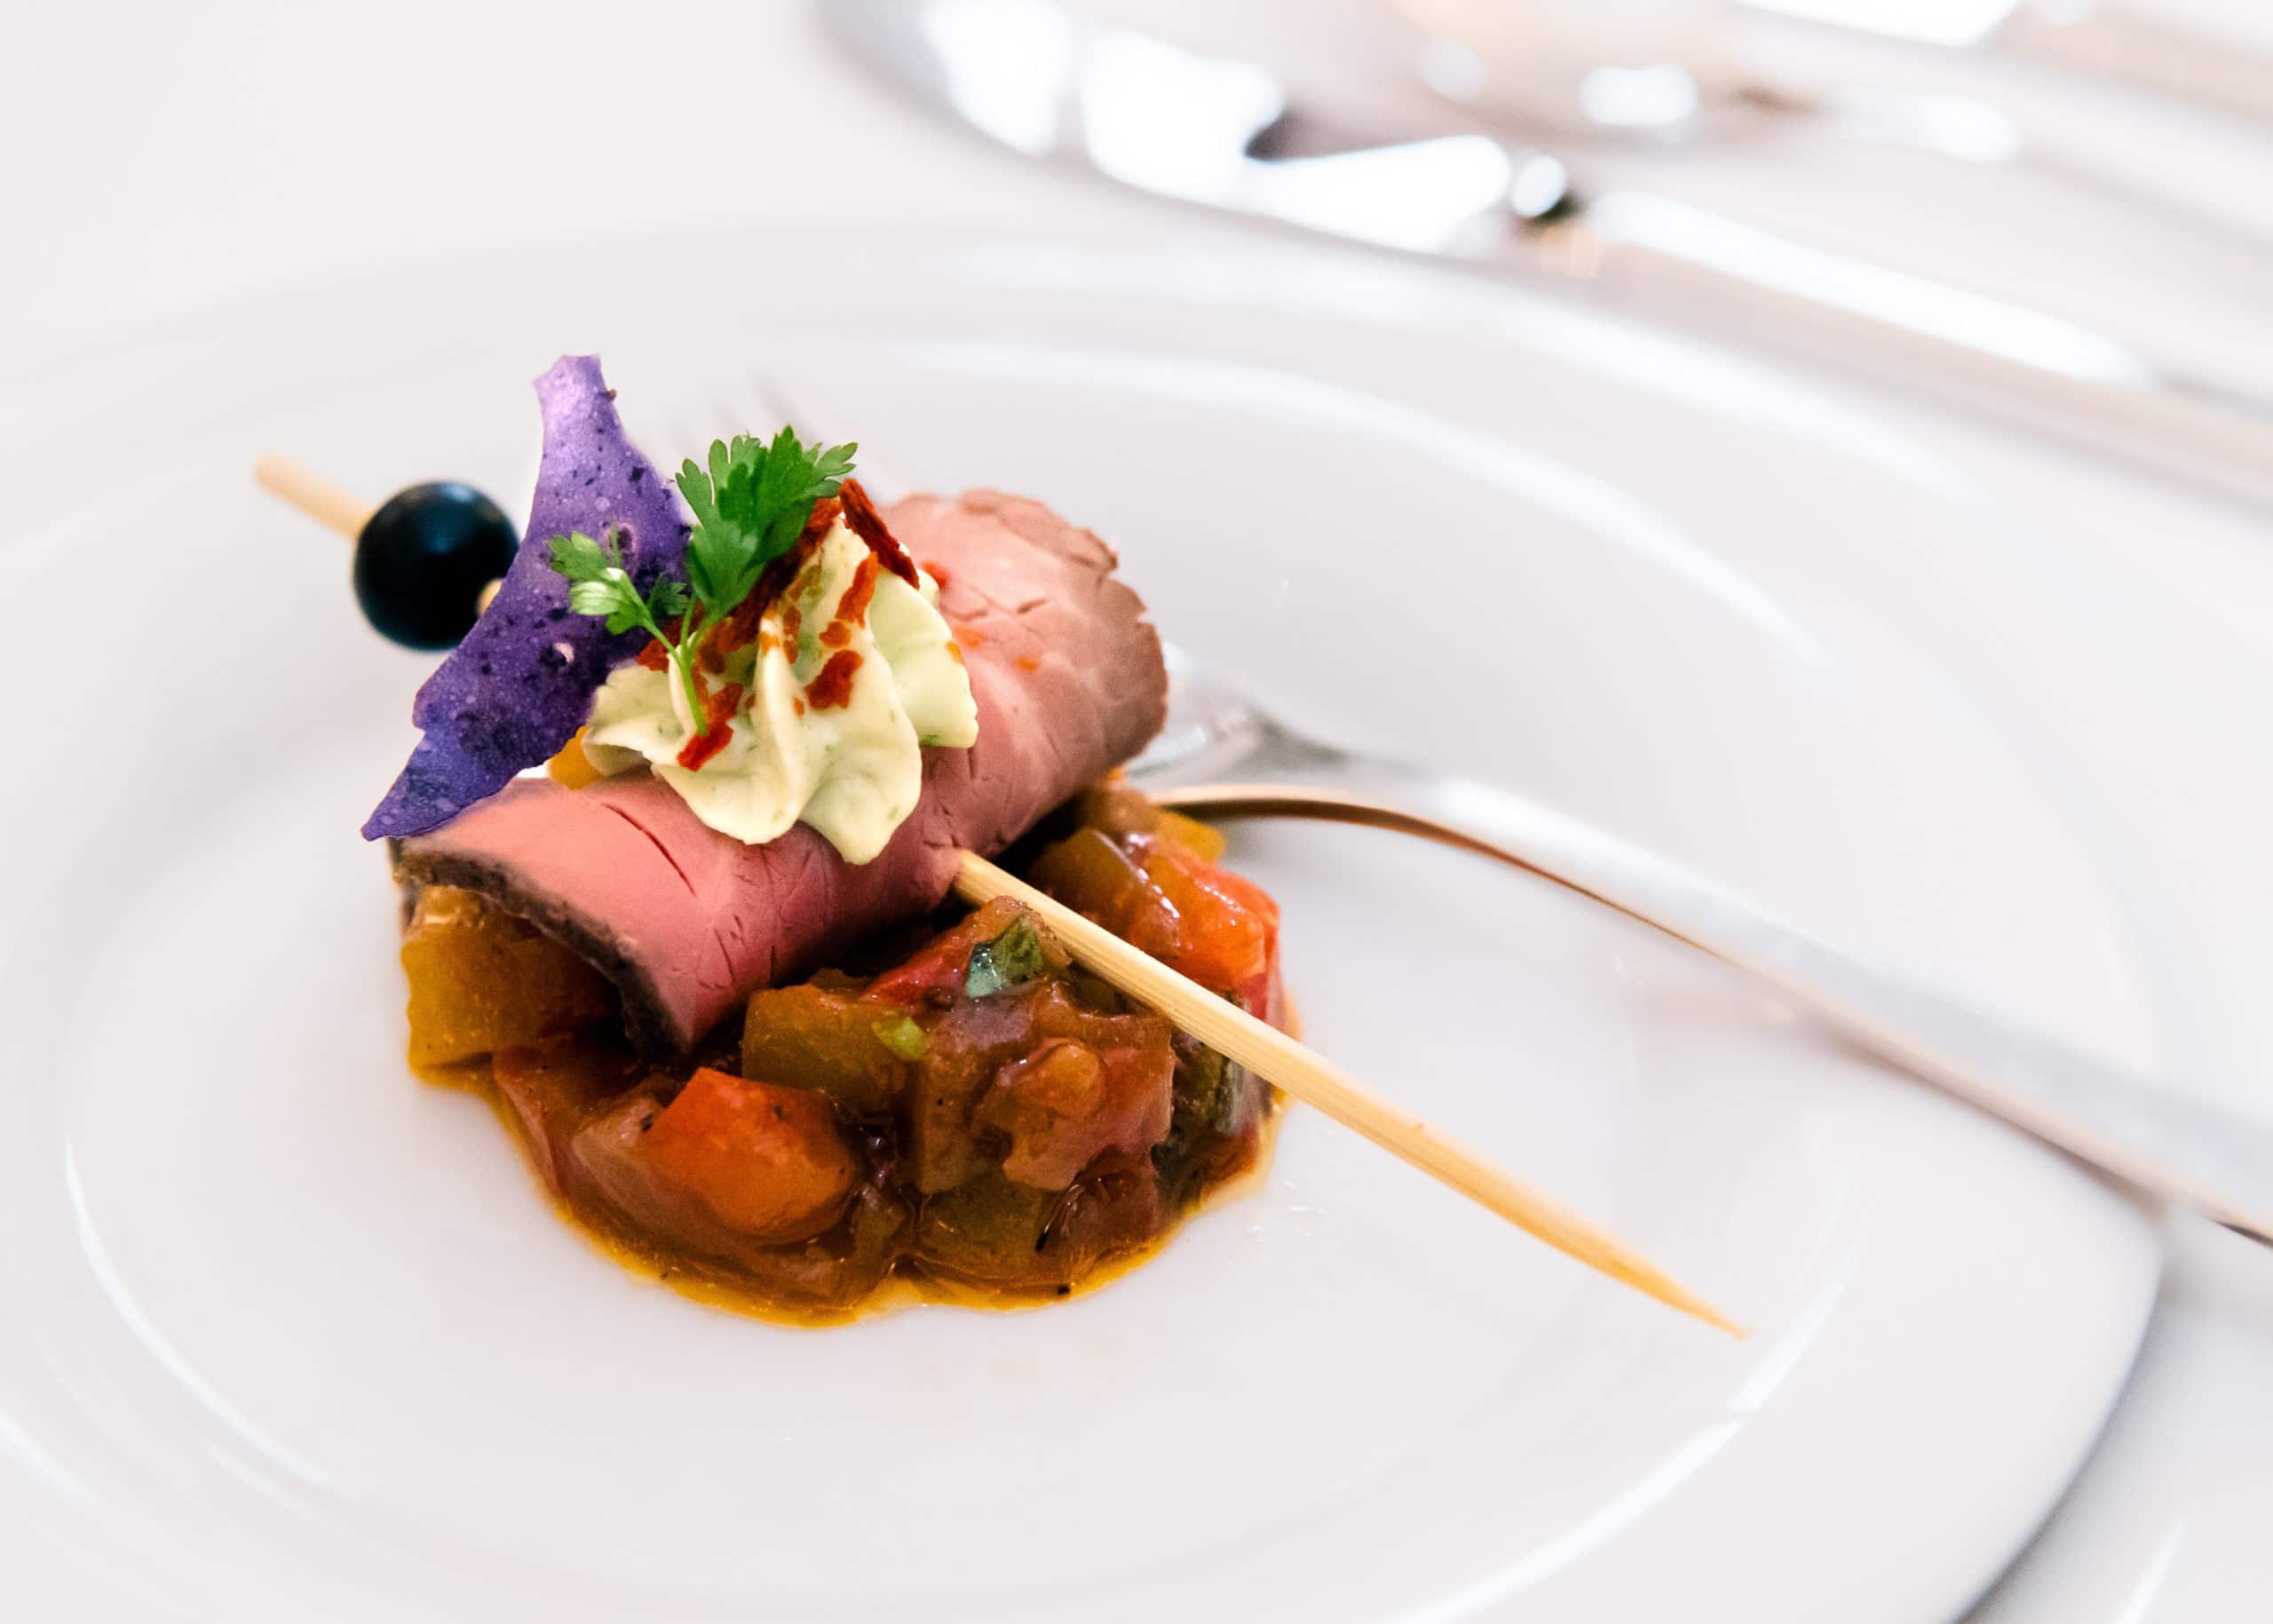 Food Fotografie eines Gruß aus der Küche in einem Sterne Restaurant | Fotograf in der Region Osnabrück Münster Bielefeld für Foodfotografie